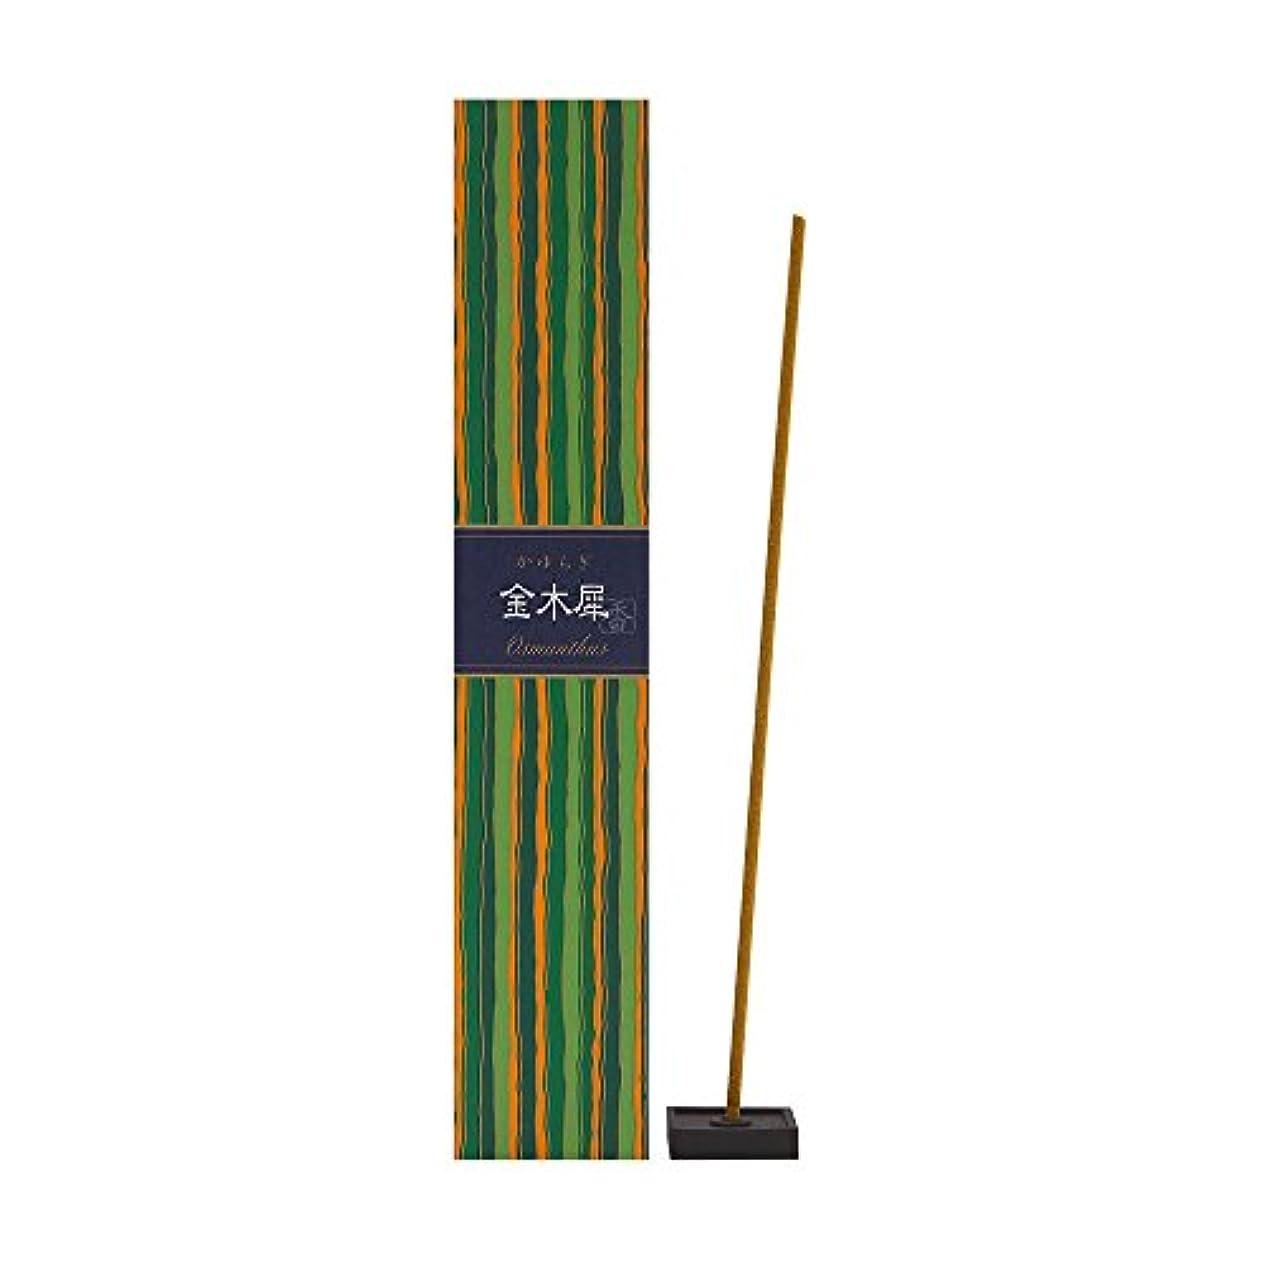 Nippon Kodo – Kayuragi – Osmanthus 40 Sticks 1 38404